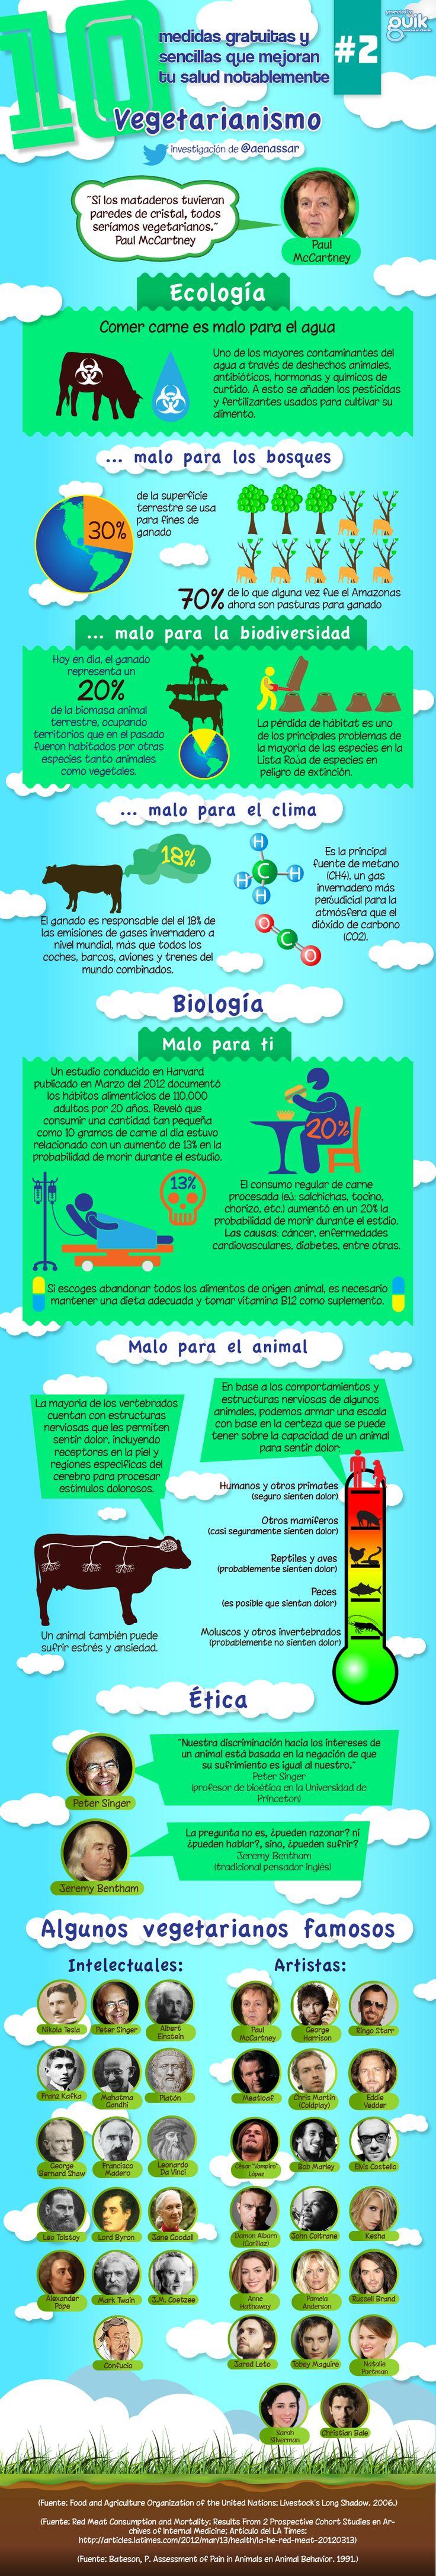 EcoSiglos: Infografía: El impacto ecológico del consumo de carne